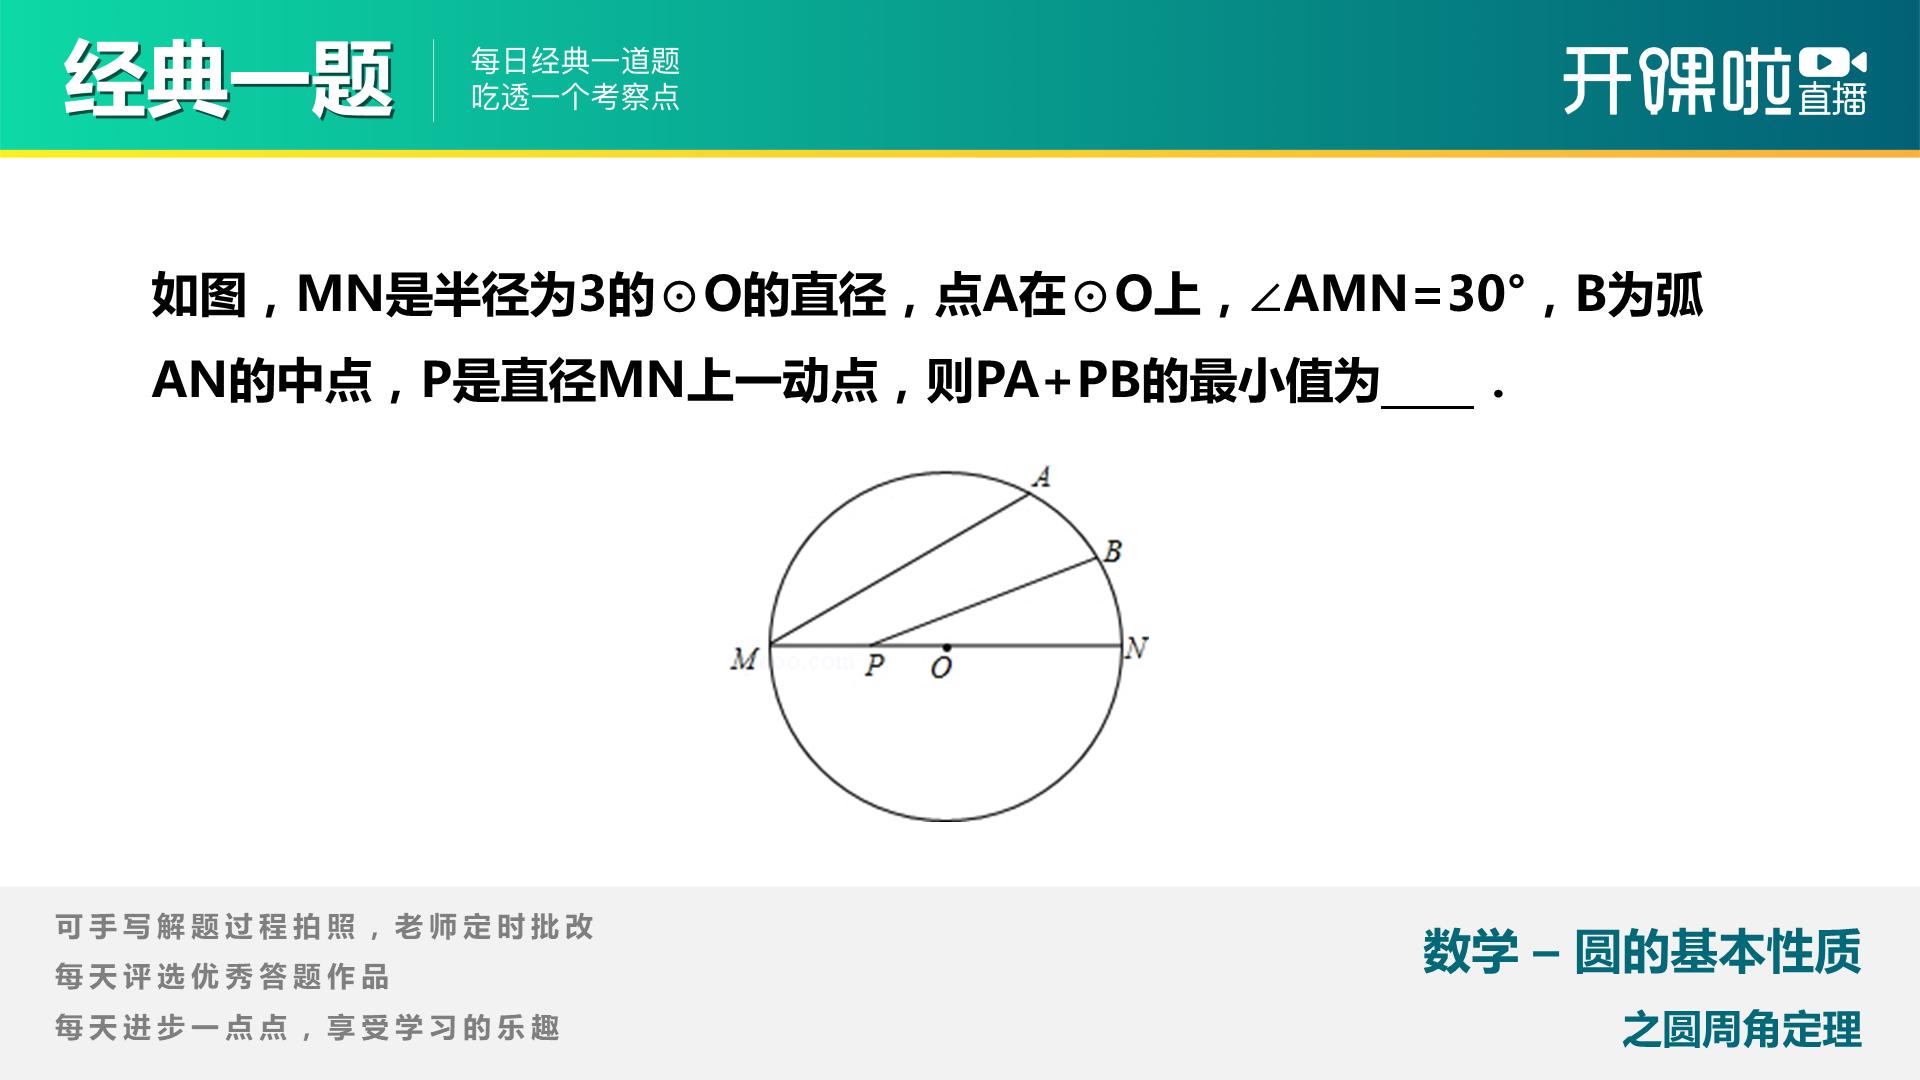 经典一题1127-1203:圆的基本性质(1).png